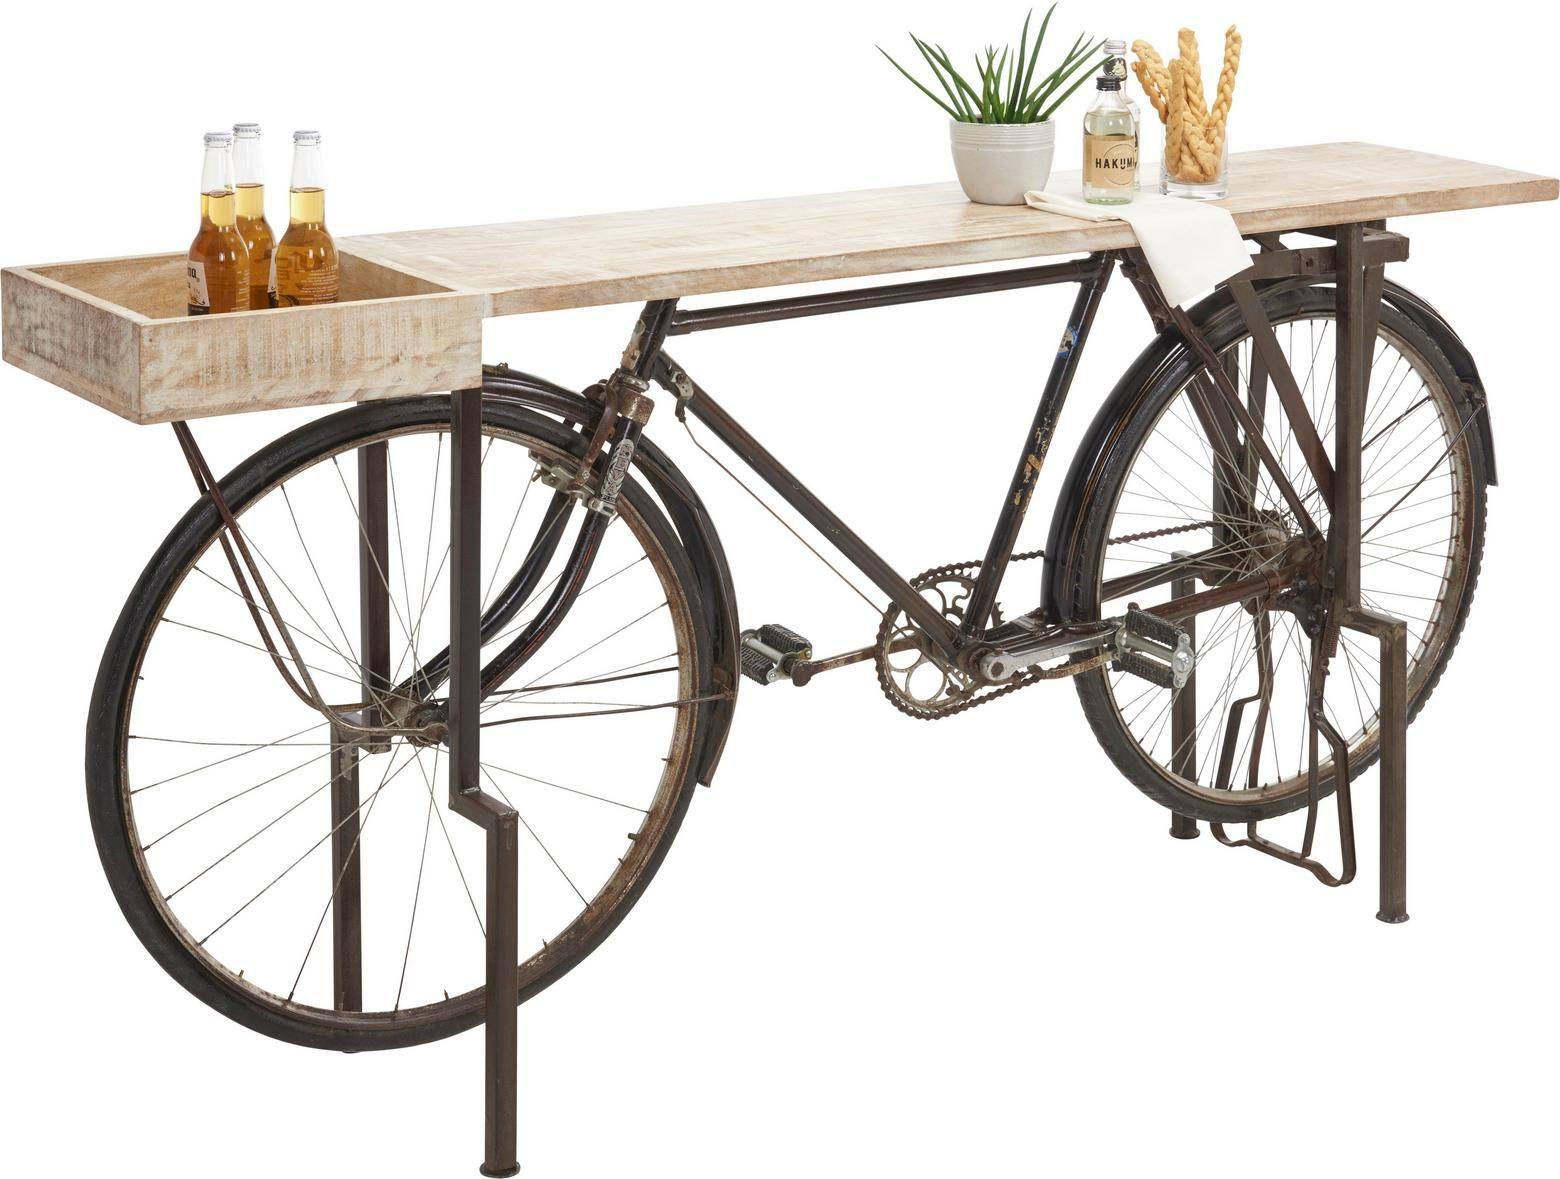 konsole aus massivholz & metall online finden | deko fahrrad